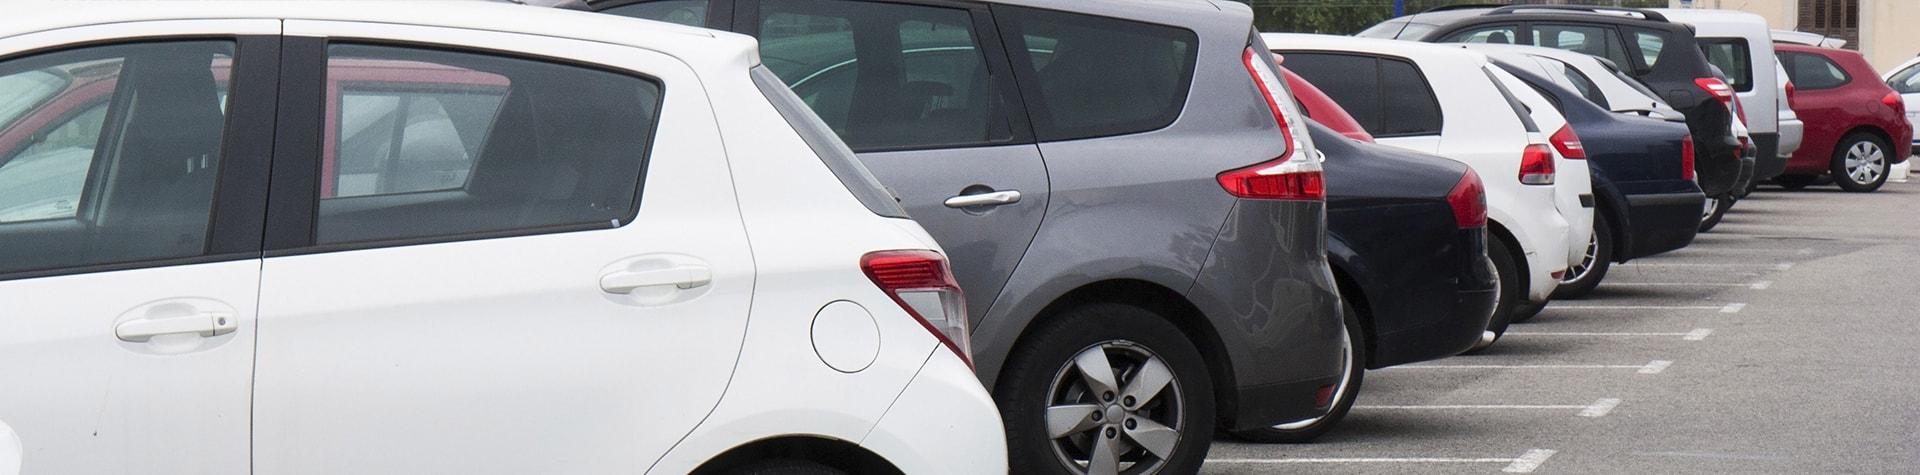 Monitorizare auto prin GPS pentru vehicule ușoare | evogps.ro